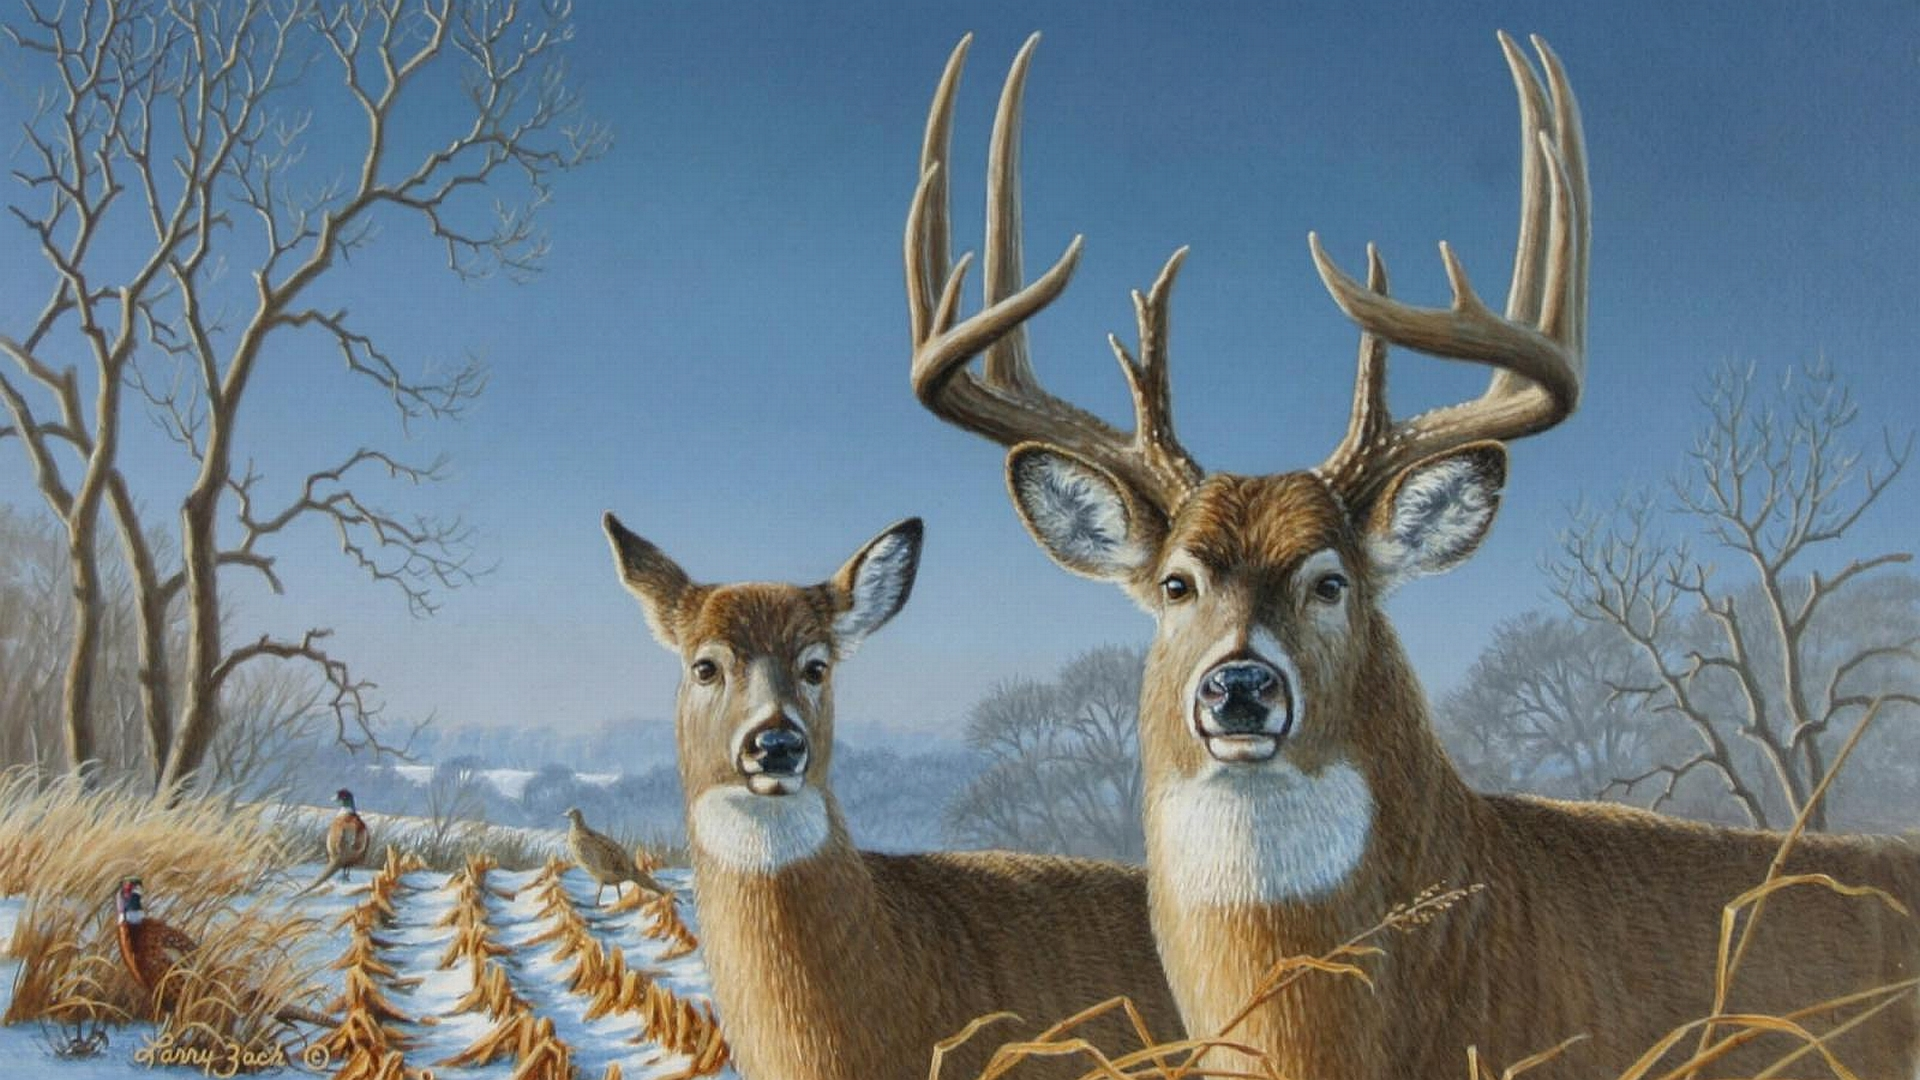 Whitetail Deer Wallpaper 1920x1080 75158